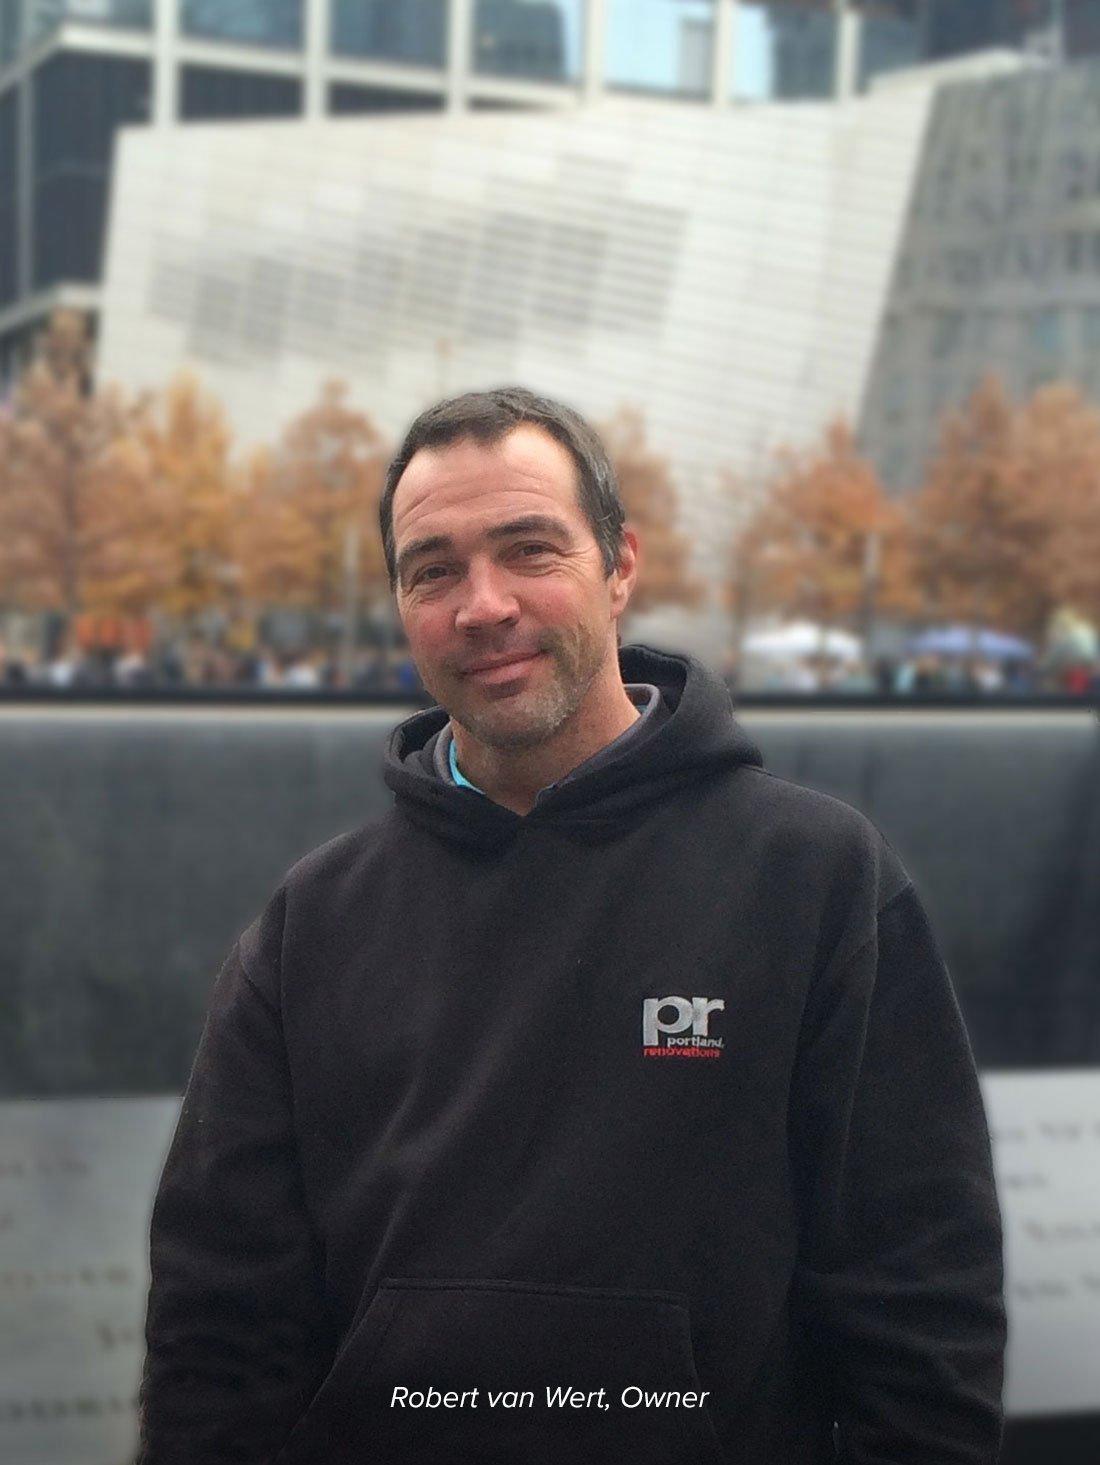 Robert van Wert, Owner of Portland Renovations